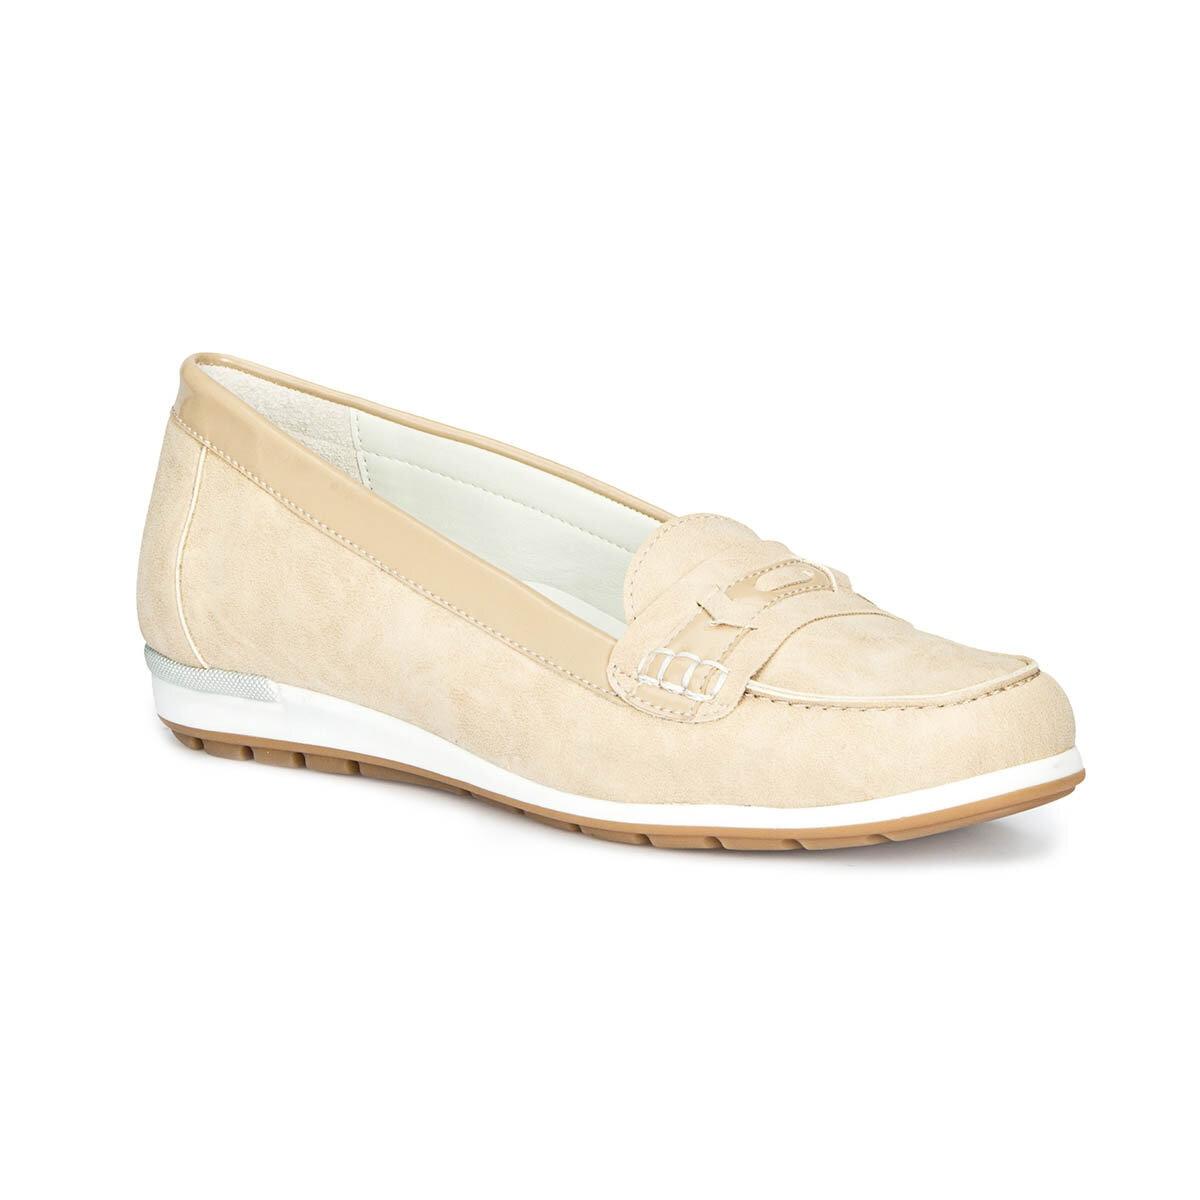 FLO 71.157239.Z Beige Women Loafer Shoes Polaris